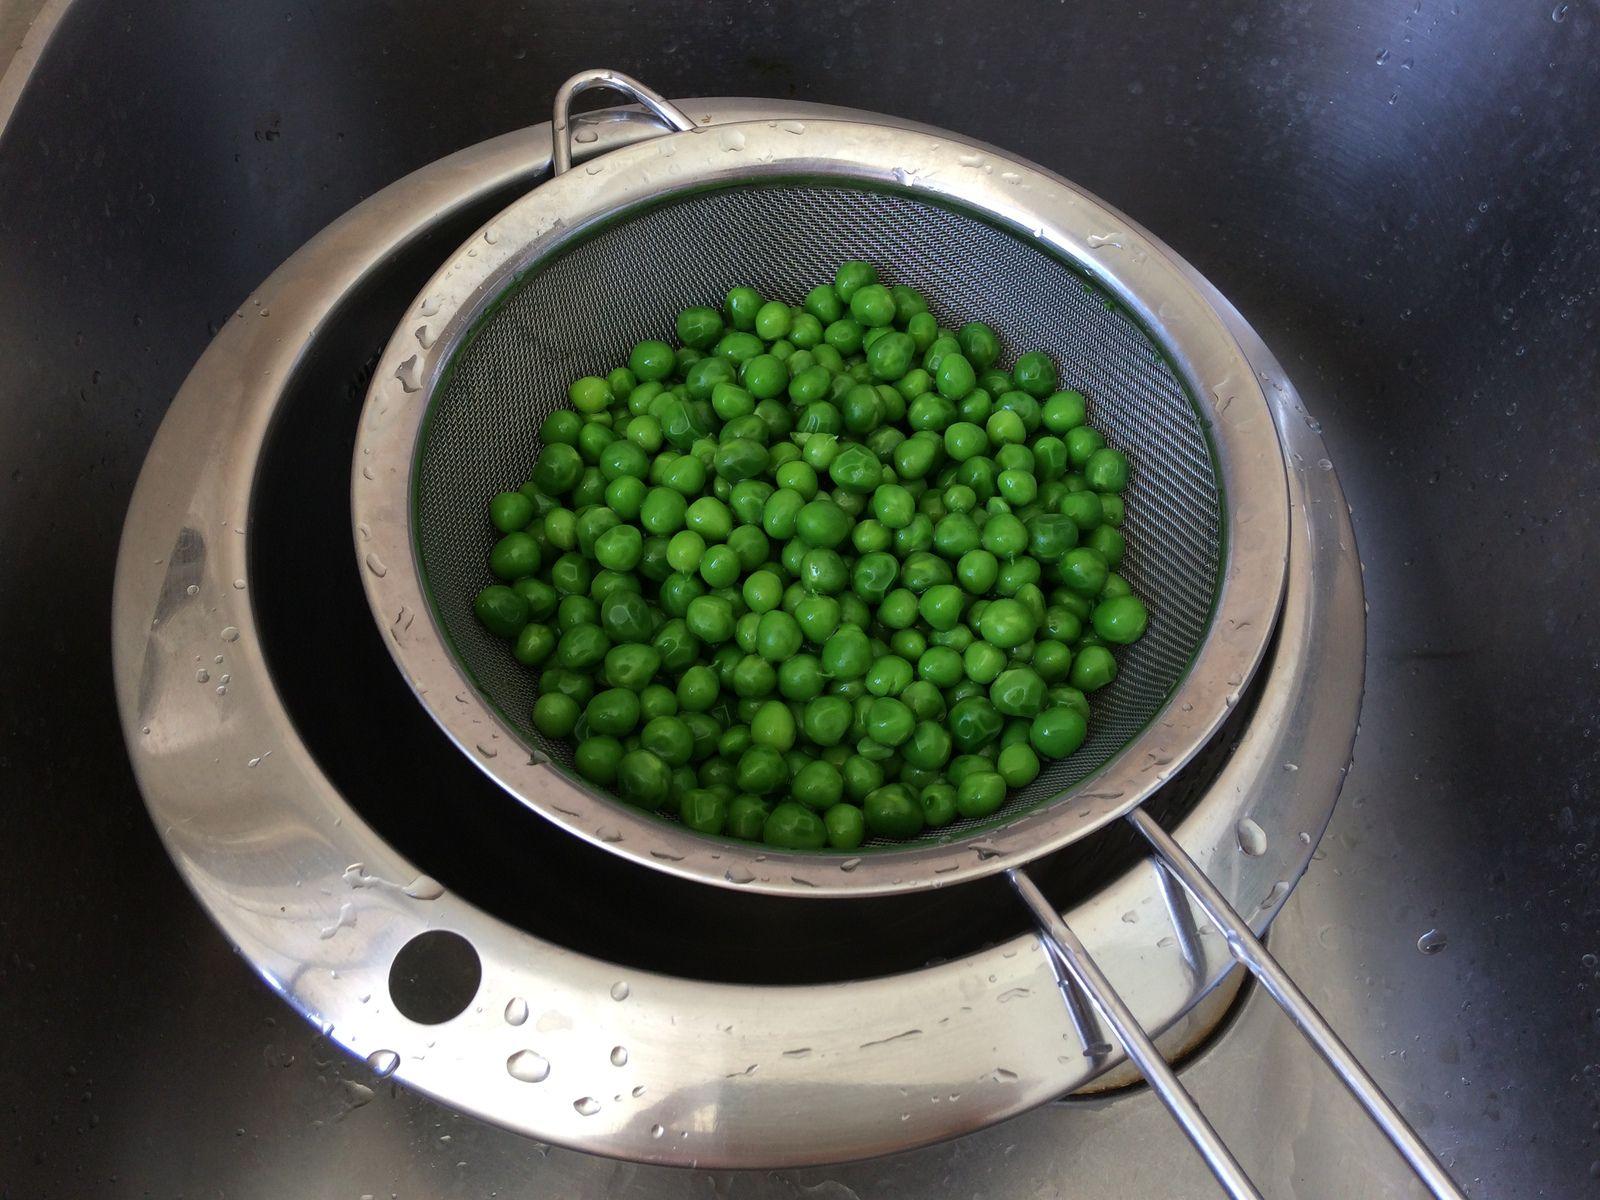 Ensuite on les égoutte. On finira de les cuire à la poêle avec un peu de beurre.